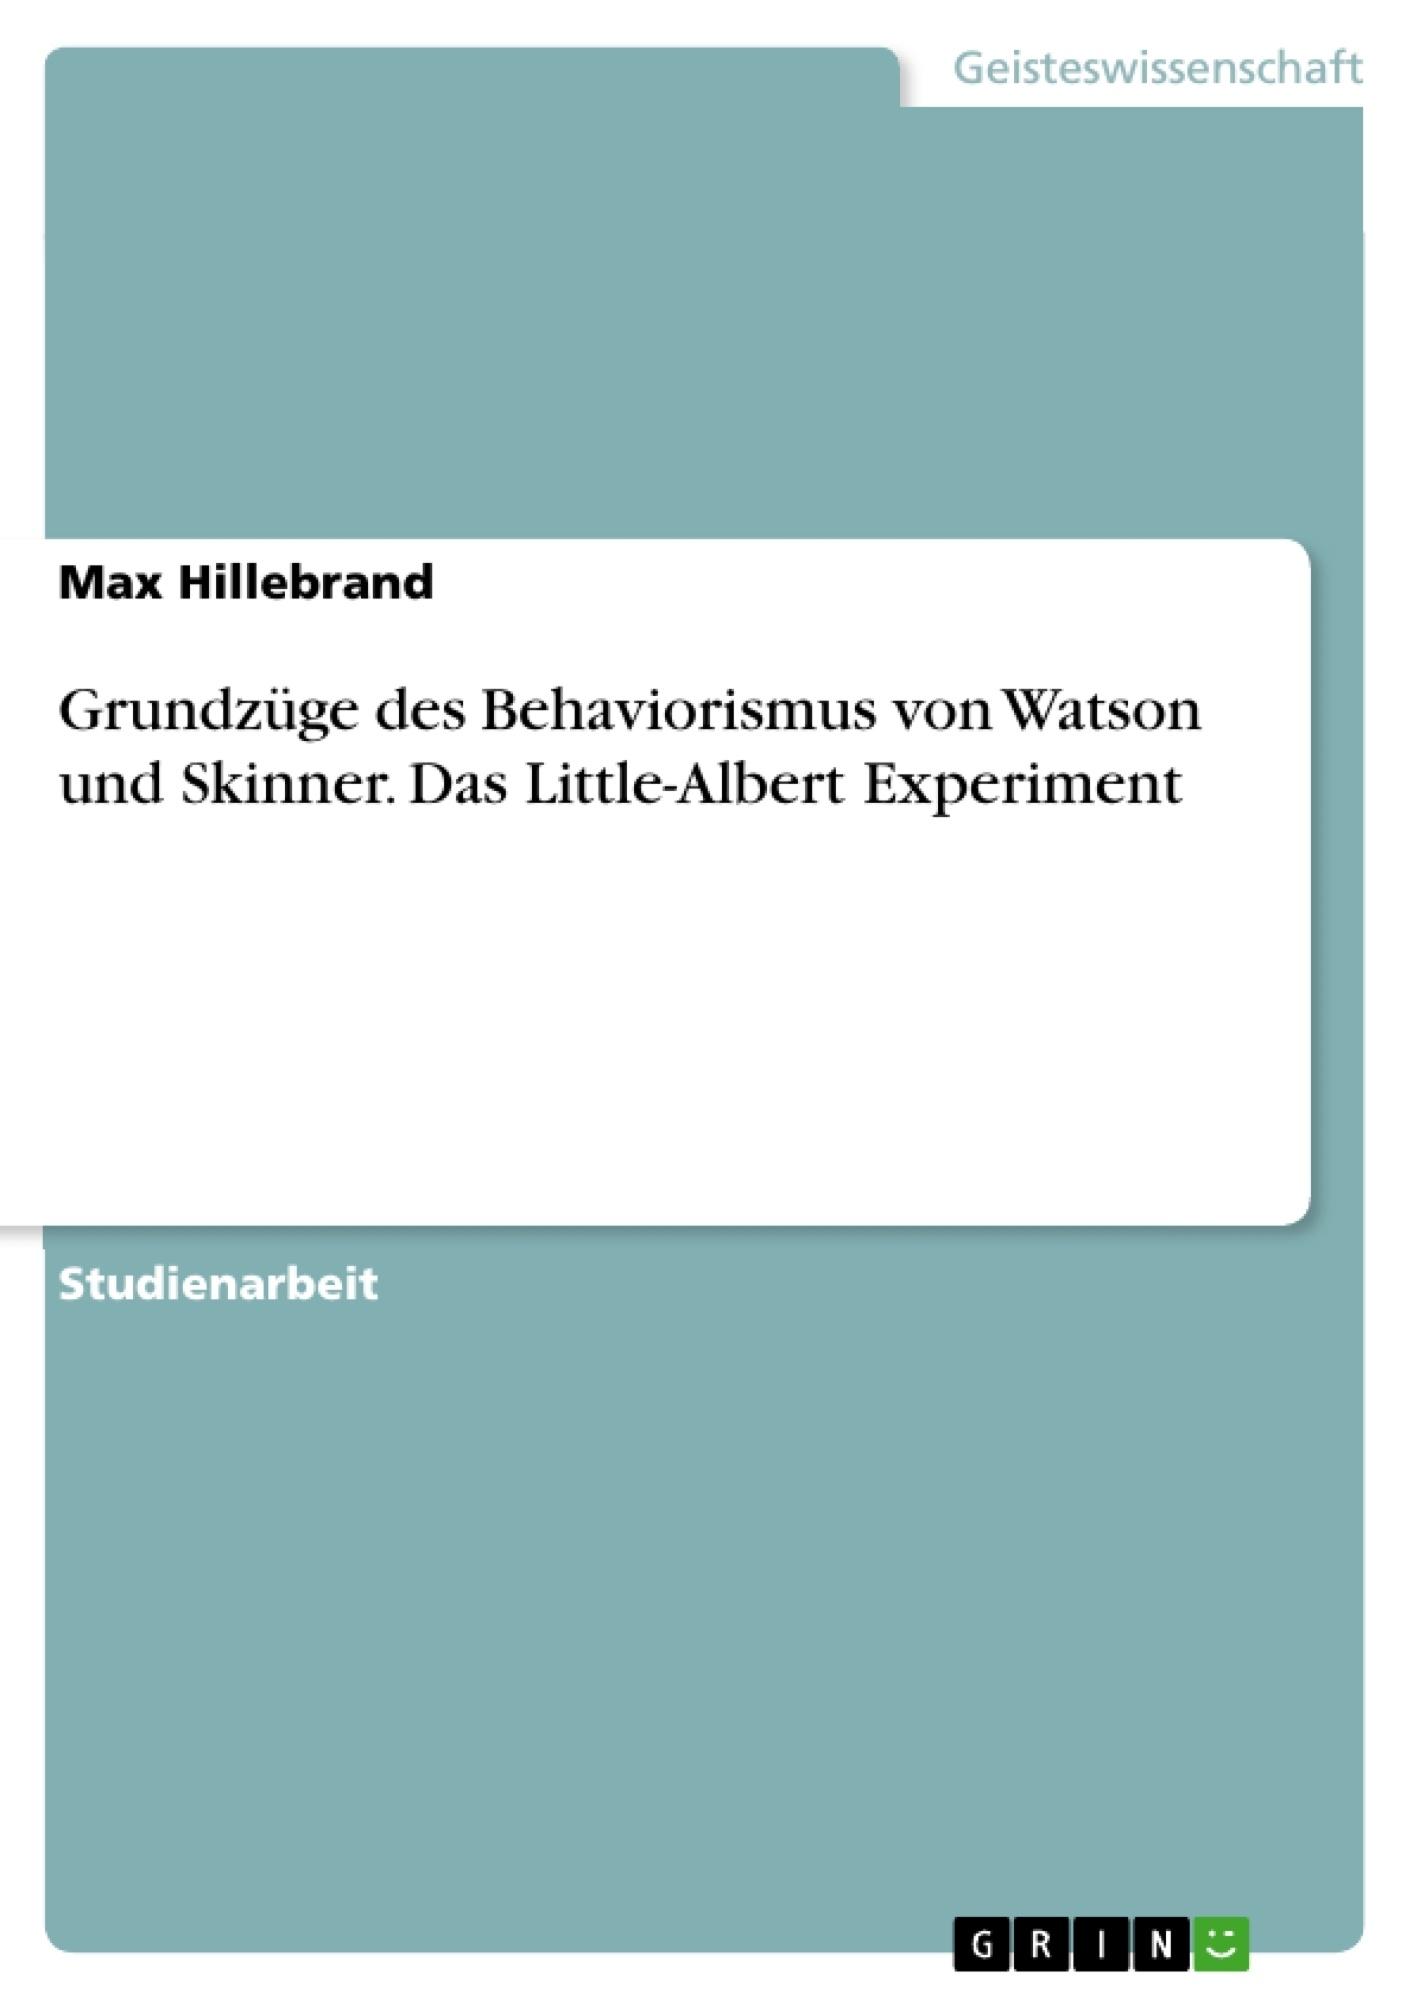 Titel: Grundzüge des Behaviorismus von Watson und Skinner. Das Little-Albert Experiment